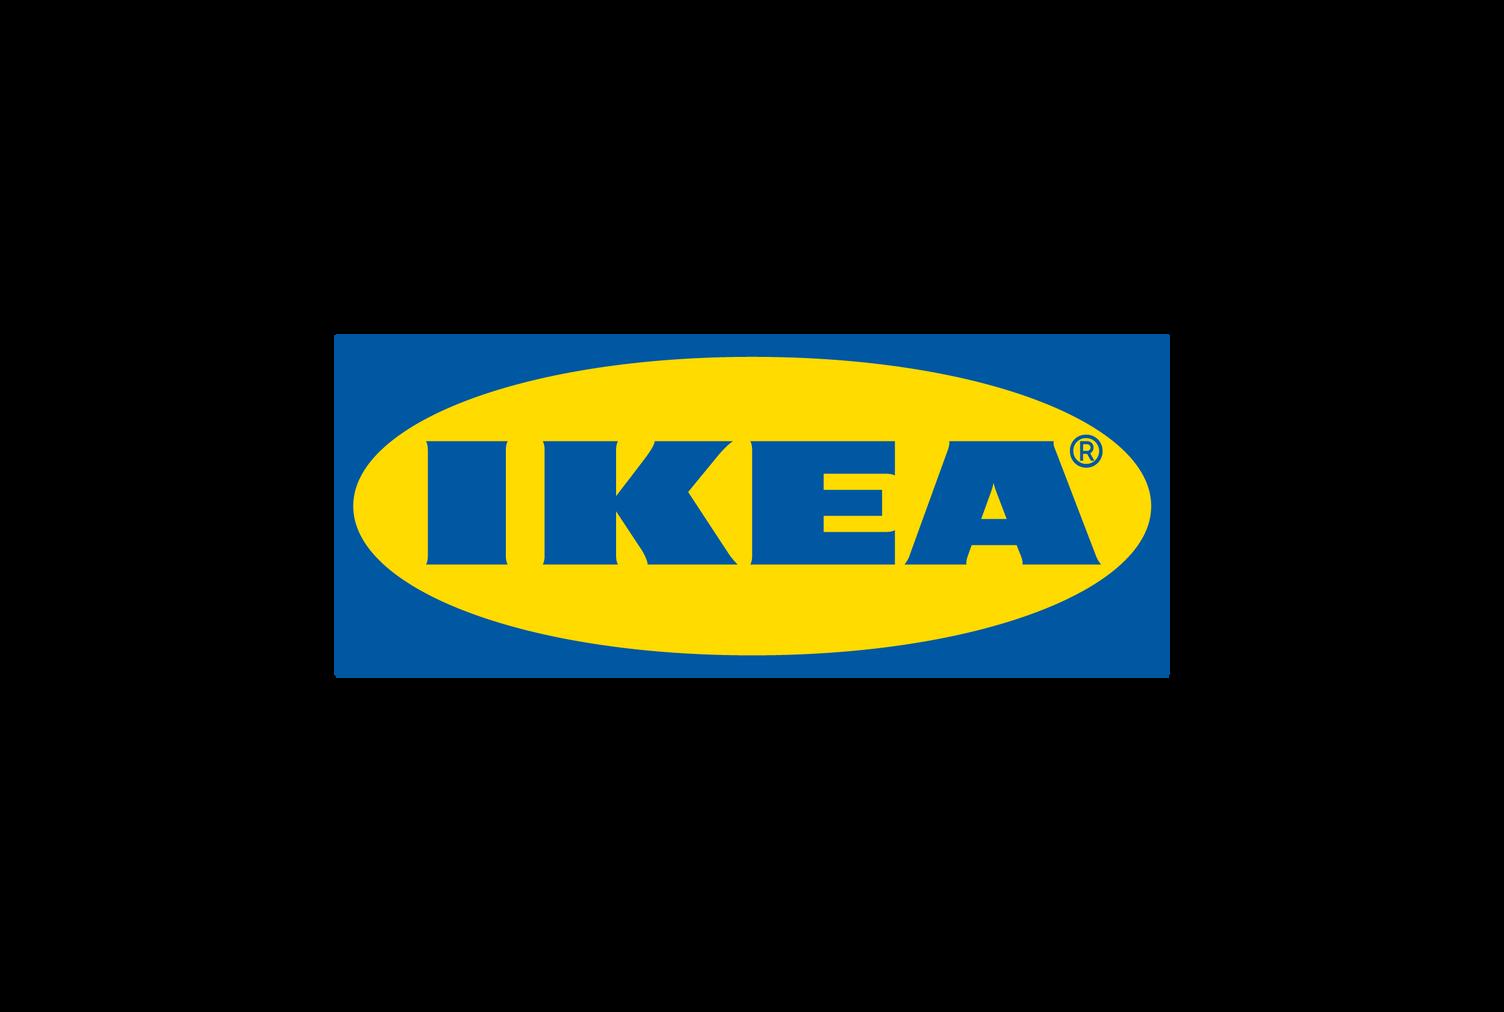 IKEA_2018_sRGB_100 - Copy - Copy.png